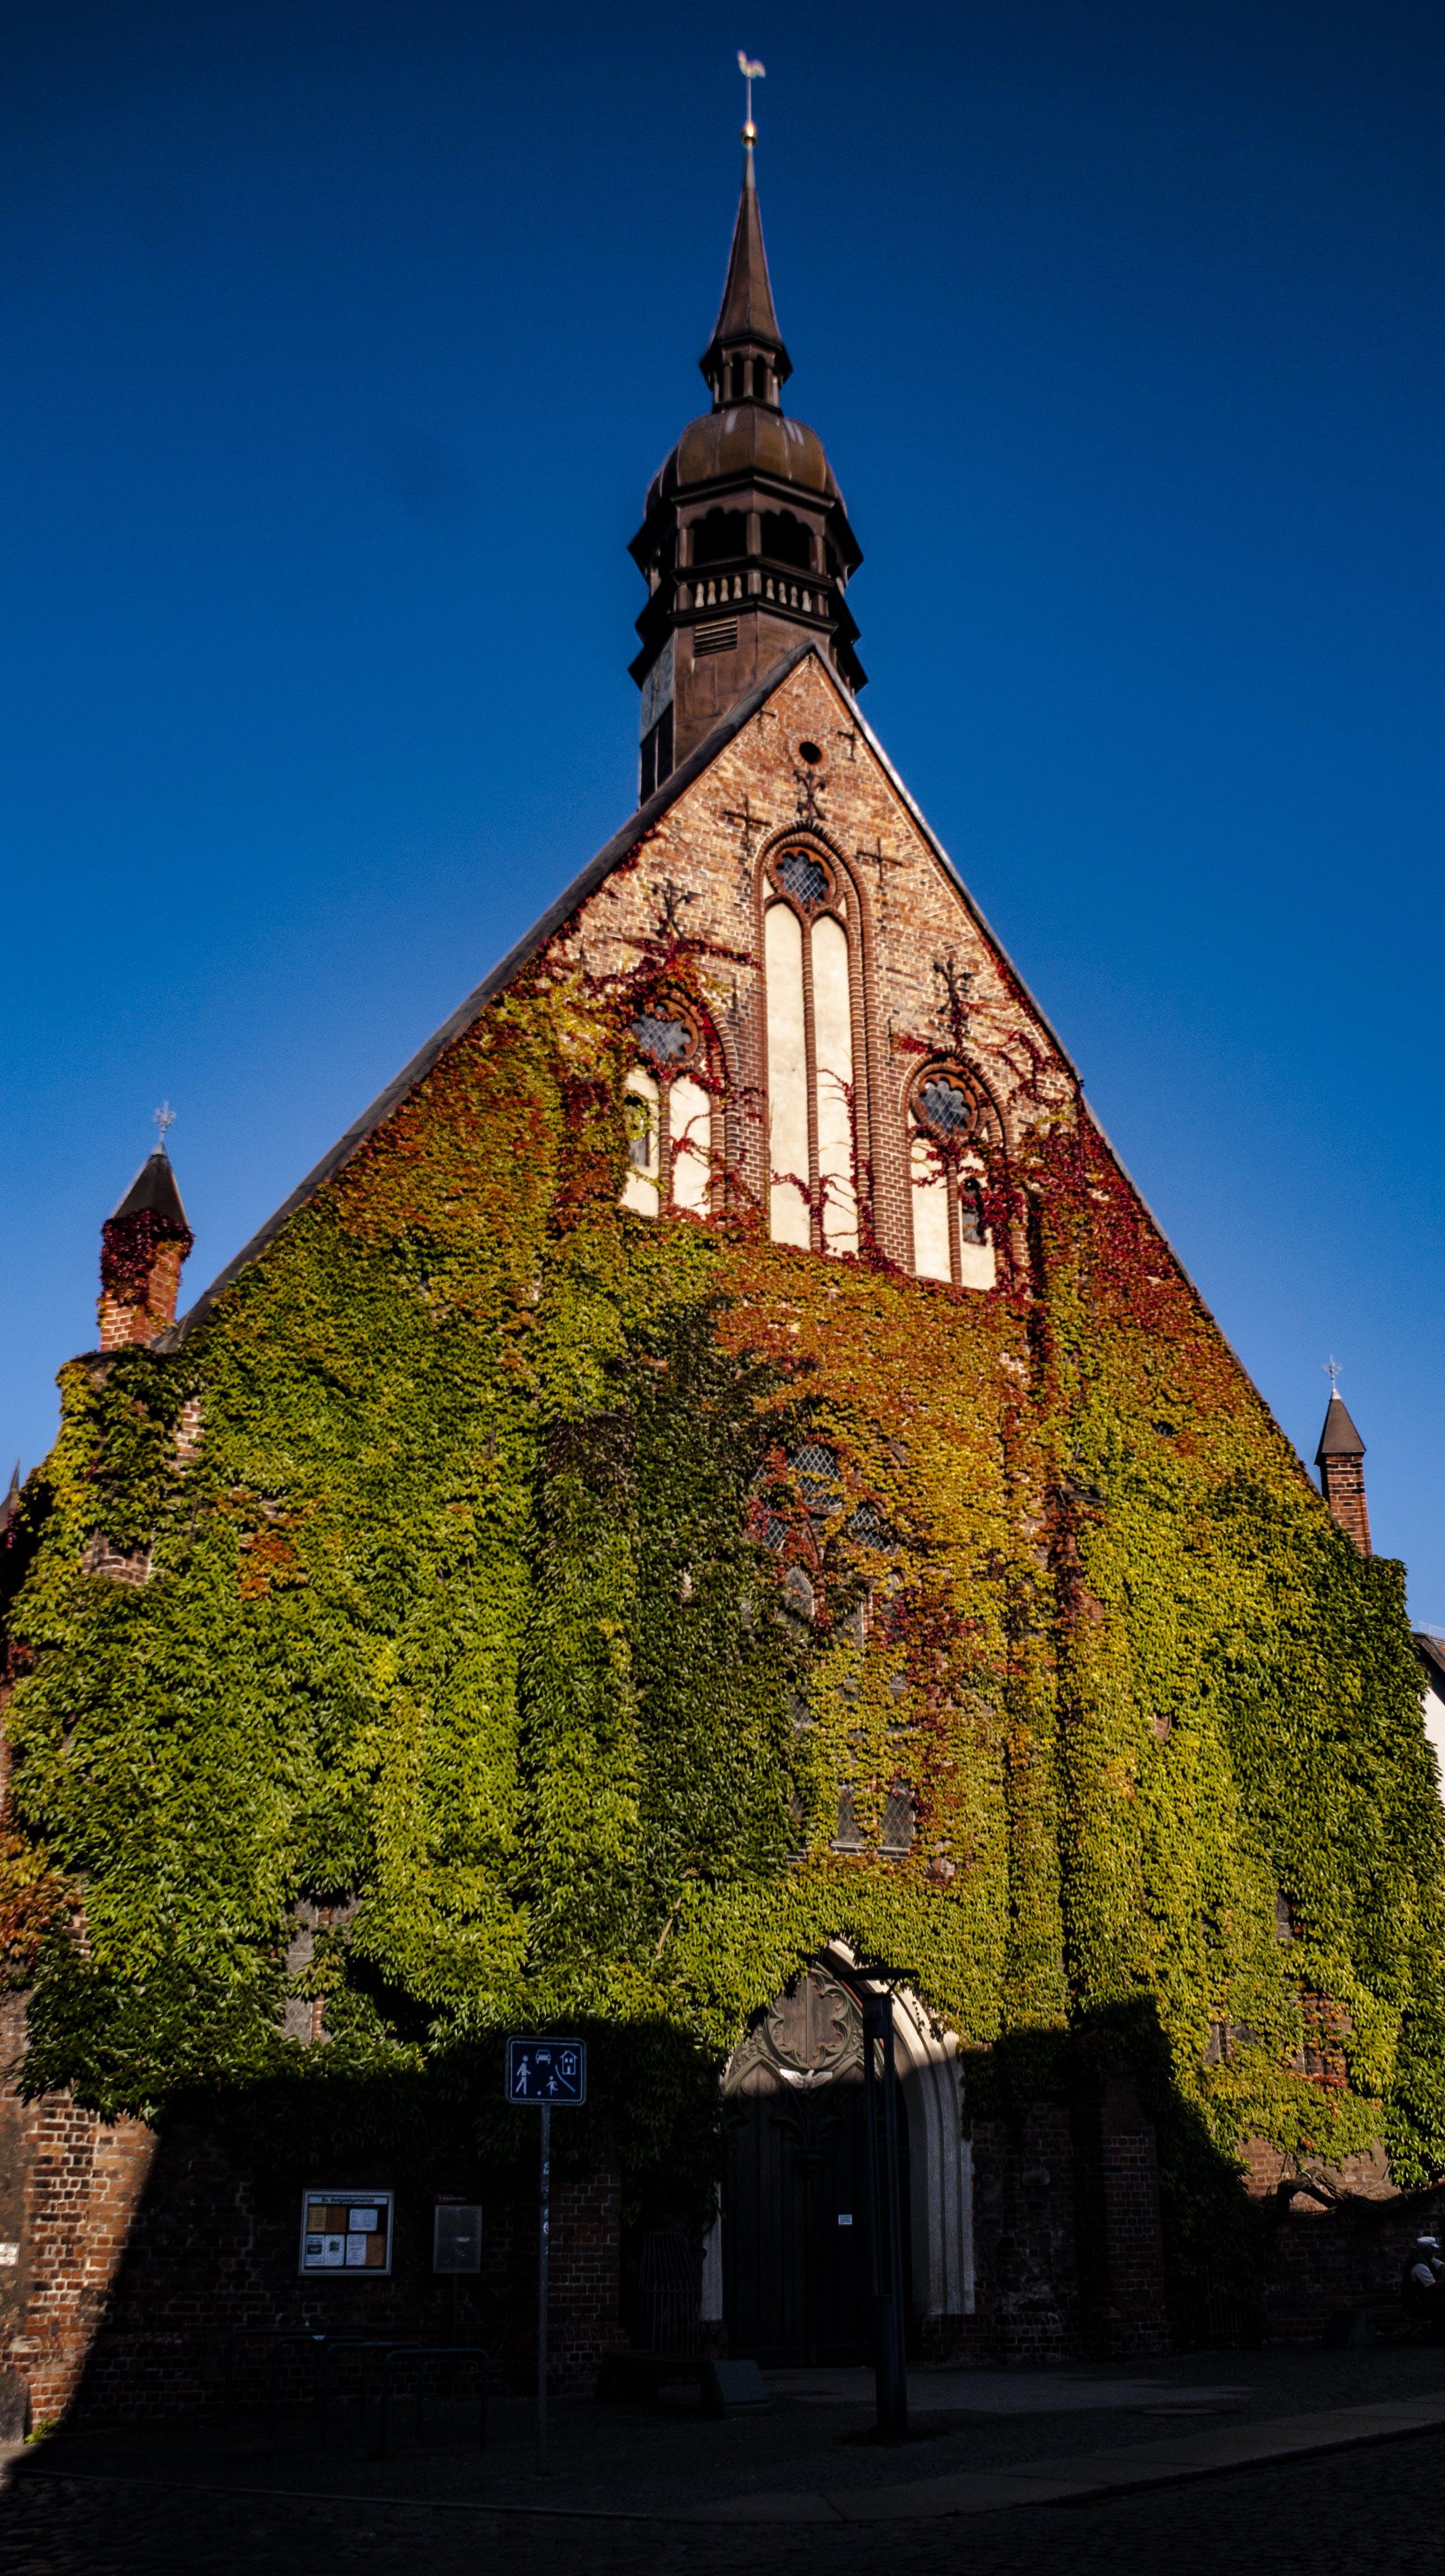 Δωρεάν στοκ φωτογραφιών με εκκλησία, κισσός